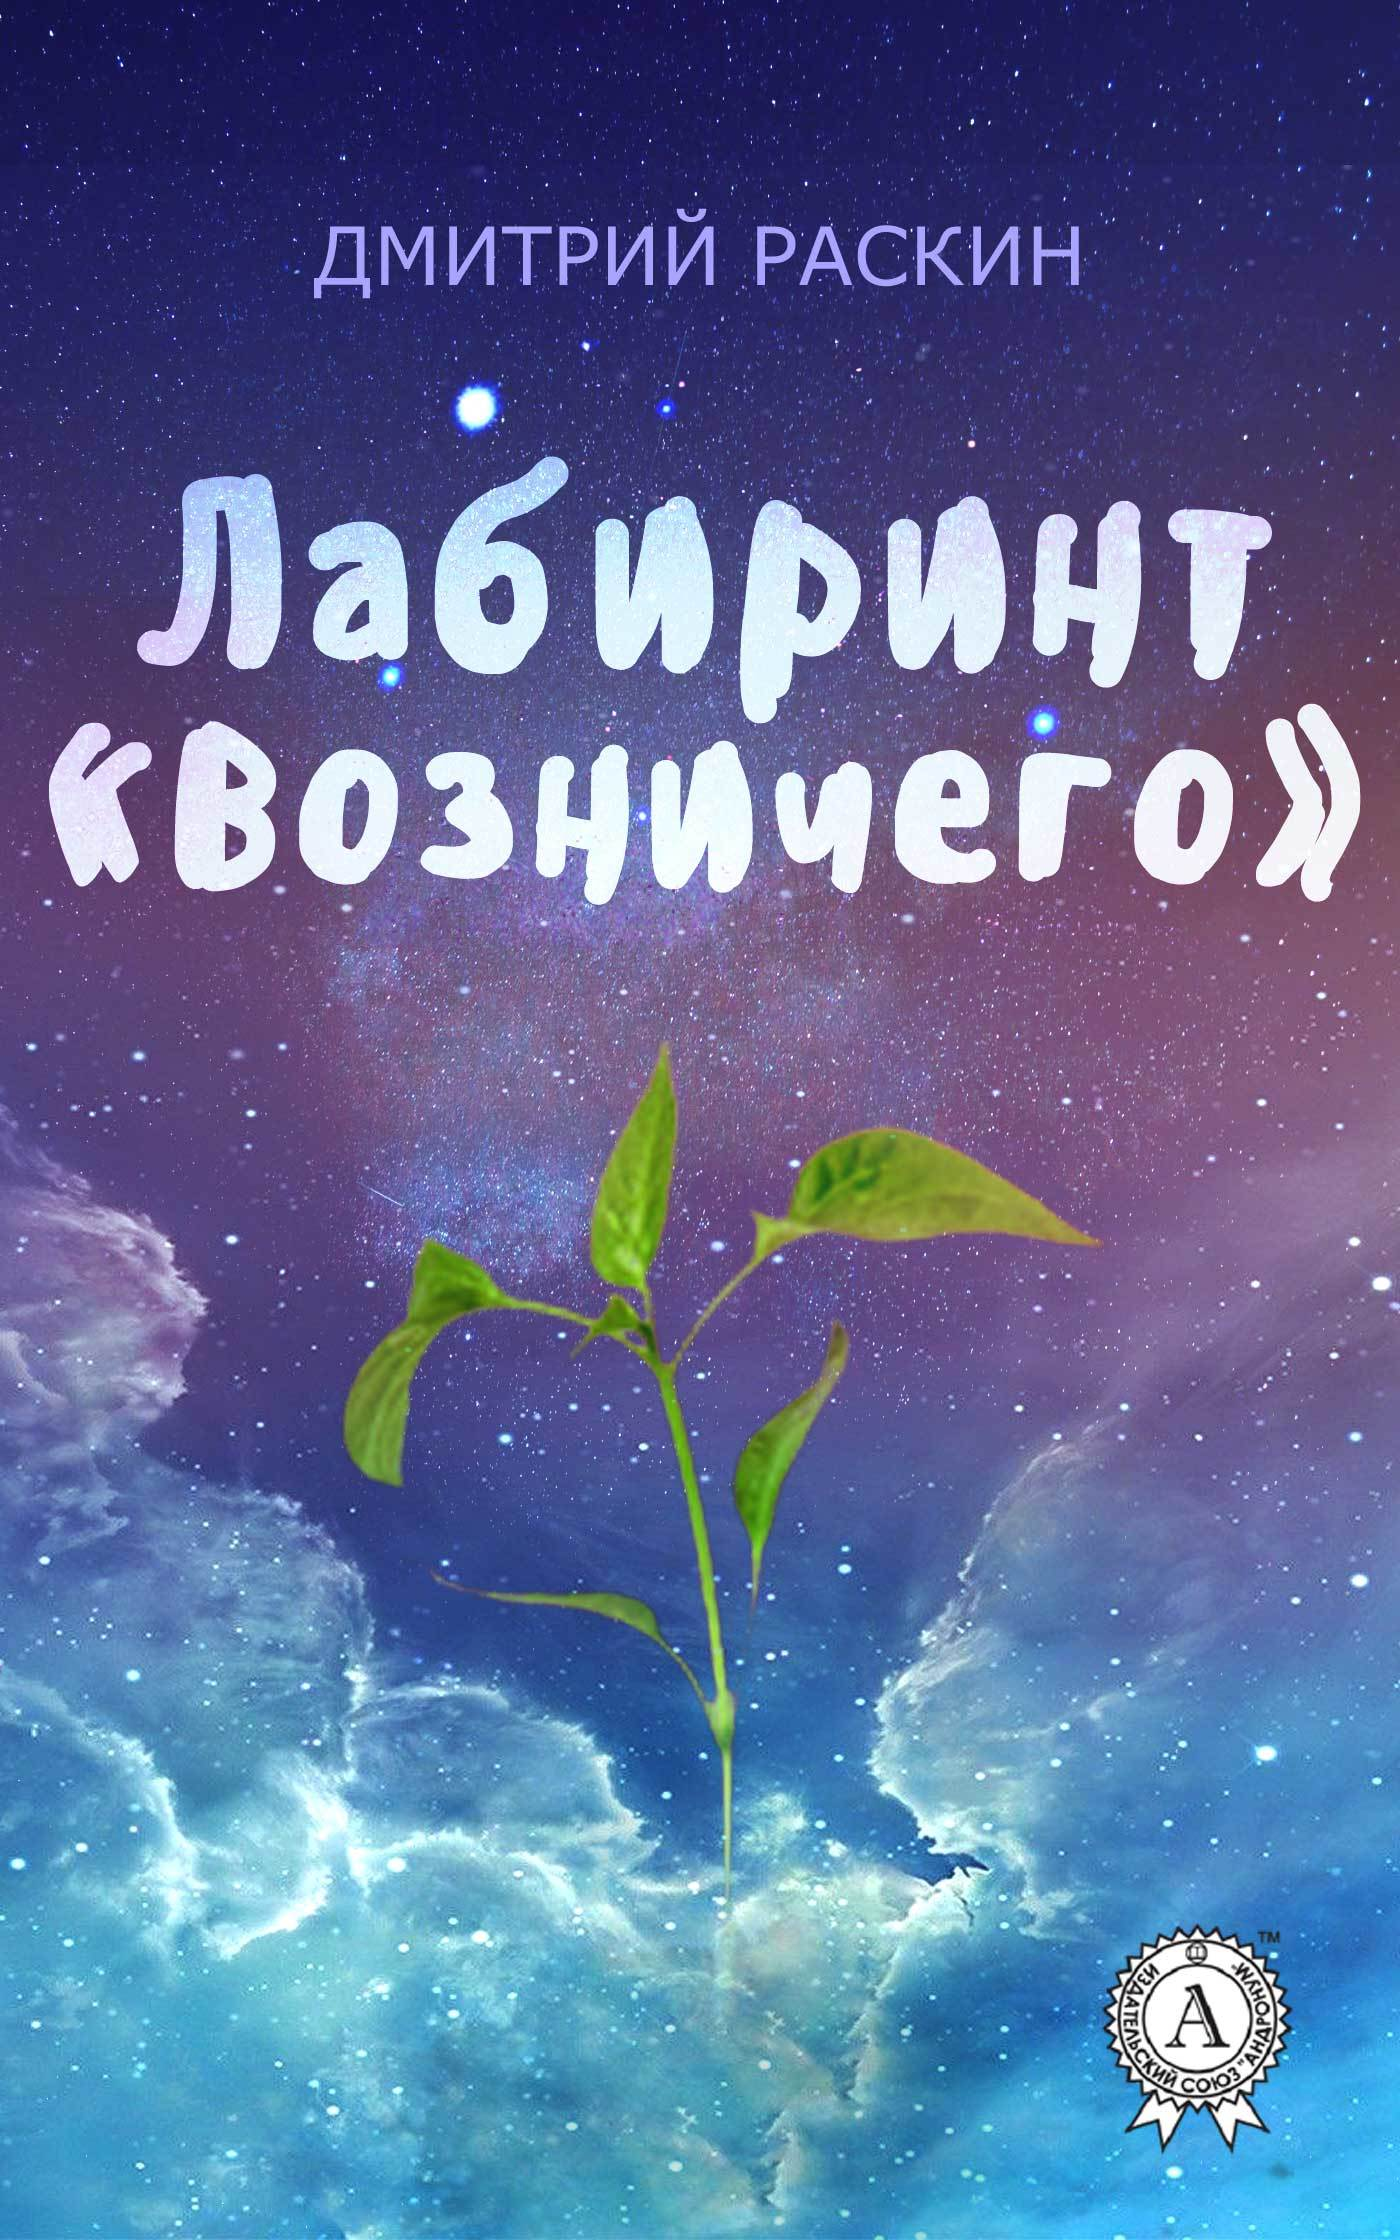 Дмитрий Раскин - Лабиринт «Возничего»